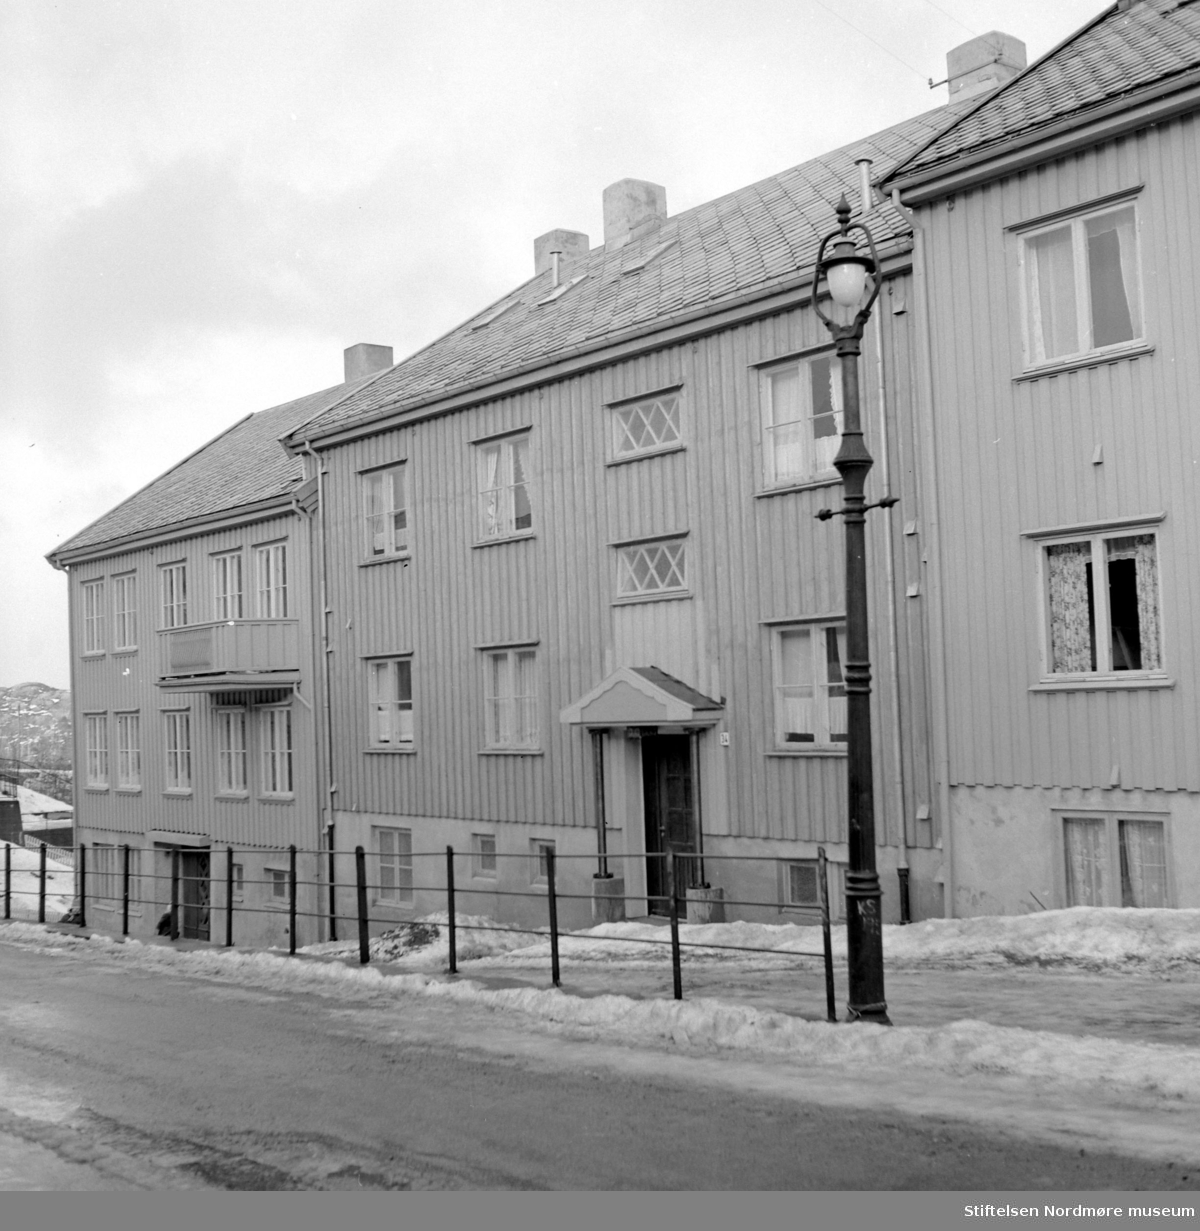 Foto av en bygård, mest trolig i Kristiansund. Datering er trolig mellom 1955-1965. Fotograf er Nils Williams i Kristiansund. Fra Nordmøre museums fotosamlinger.